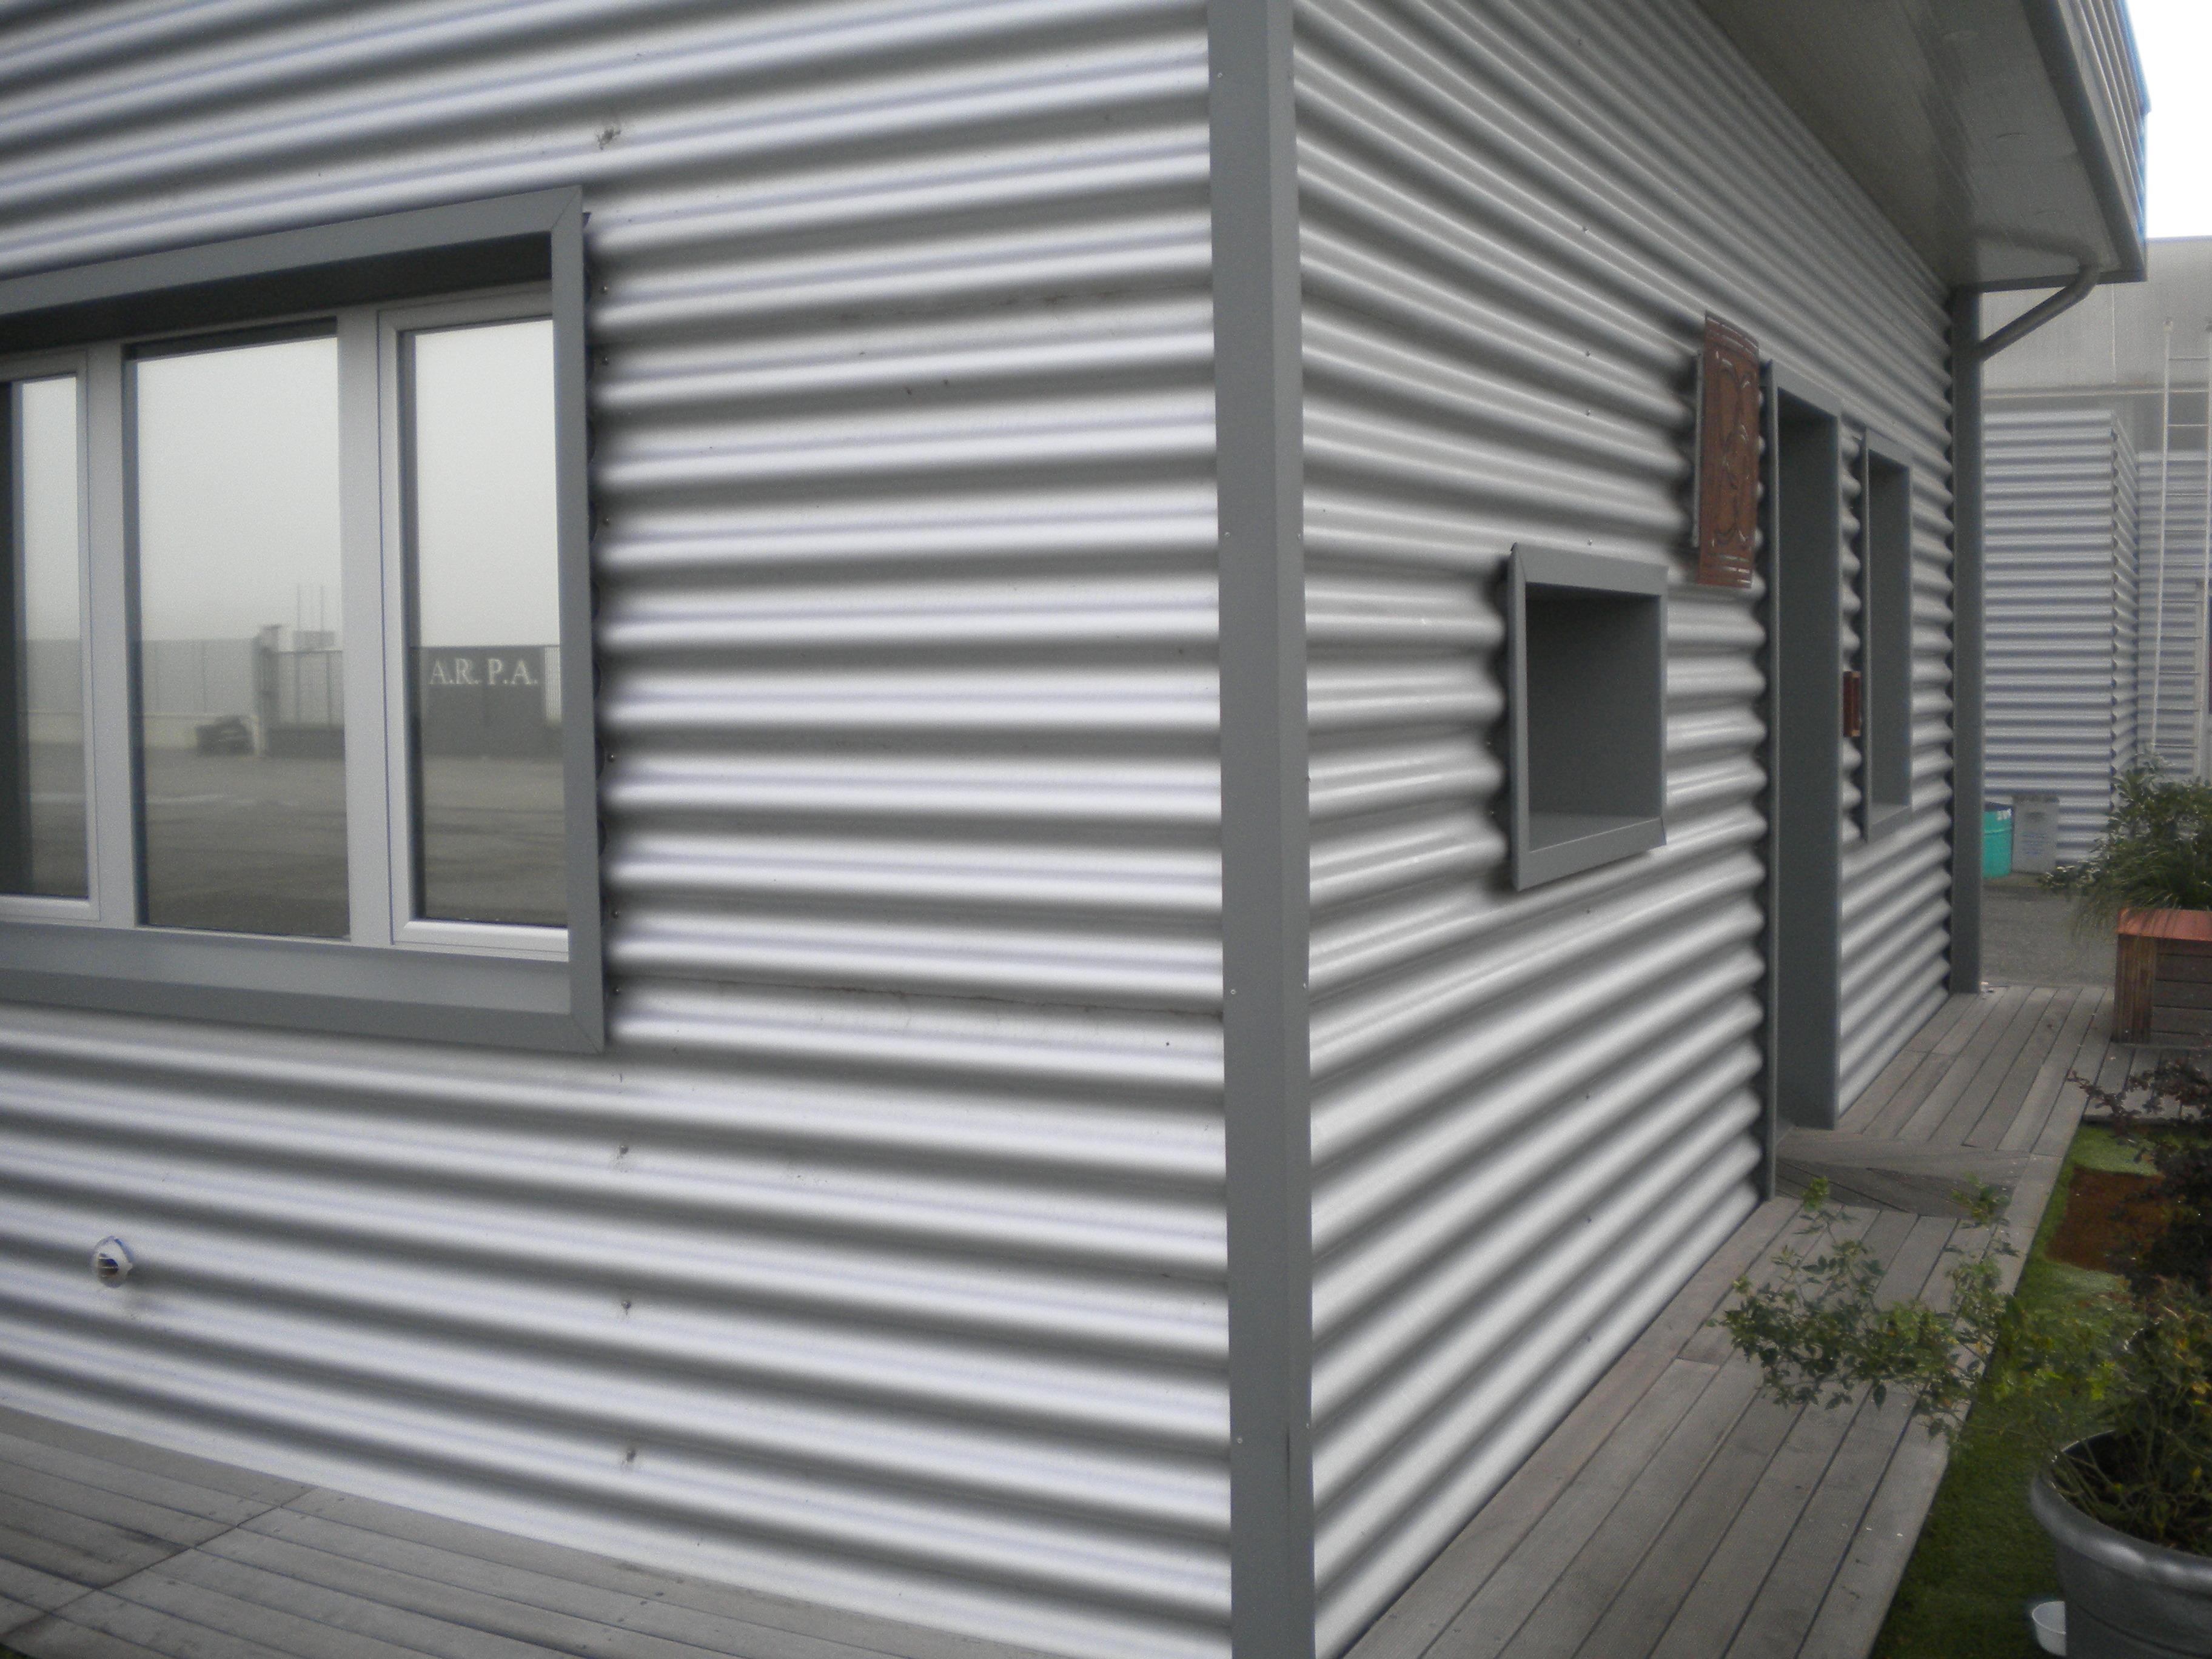 Pannelli per rivestimento pareti esterne rimozione for Pannelli coibentati per pareti prezzi